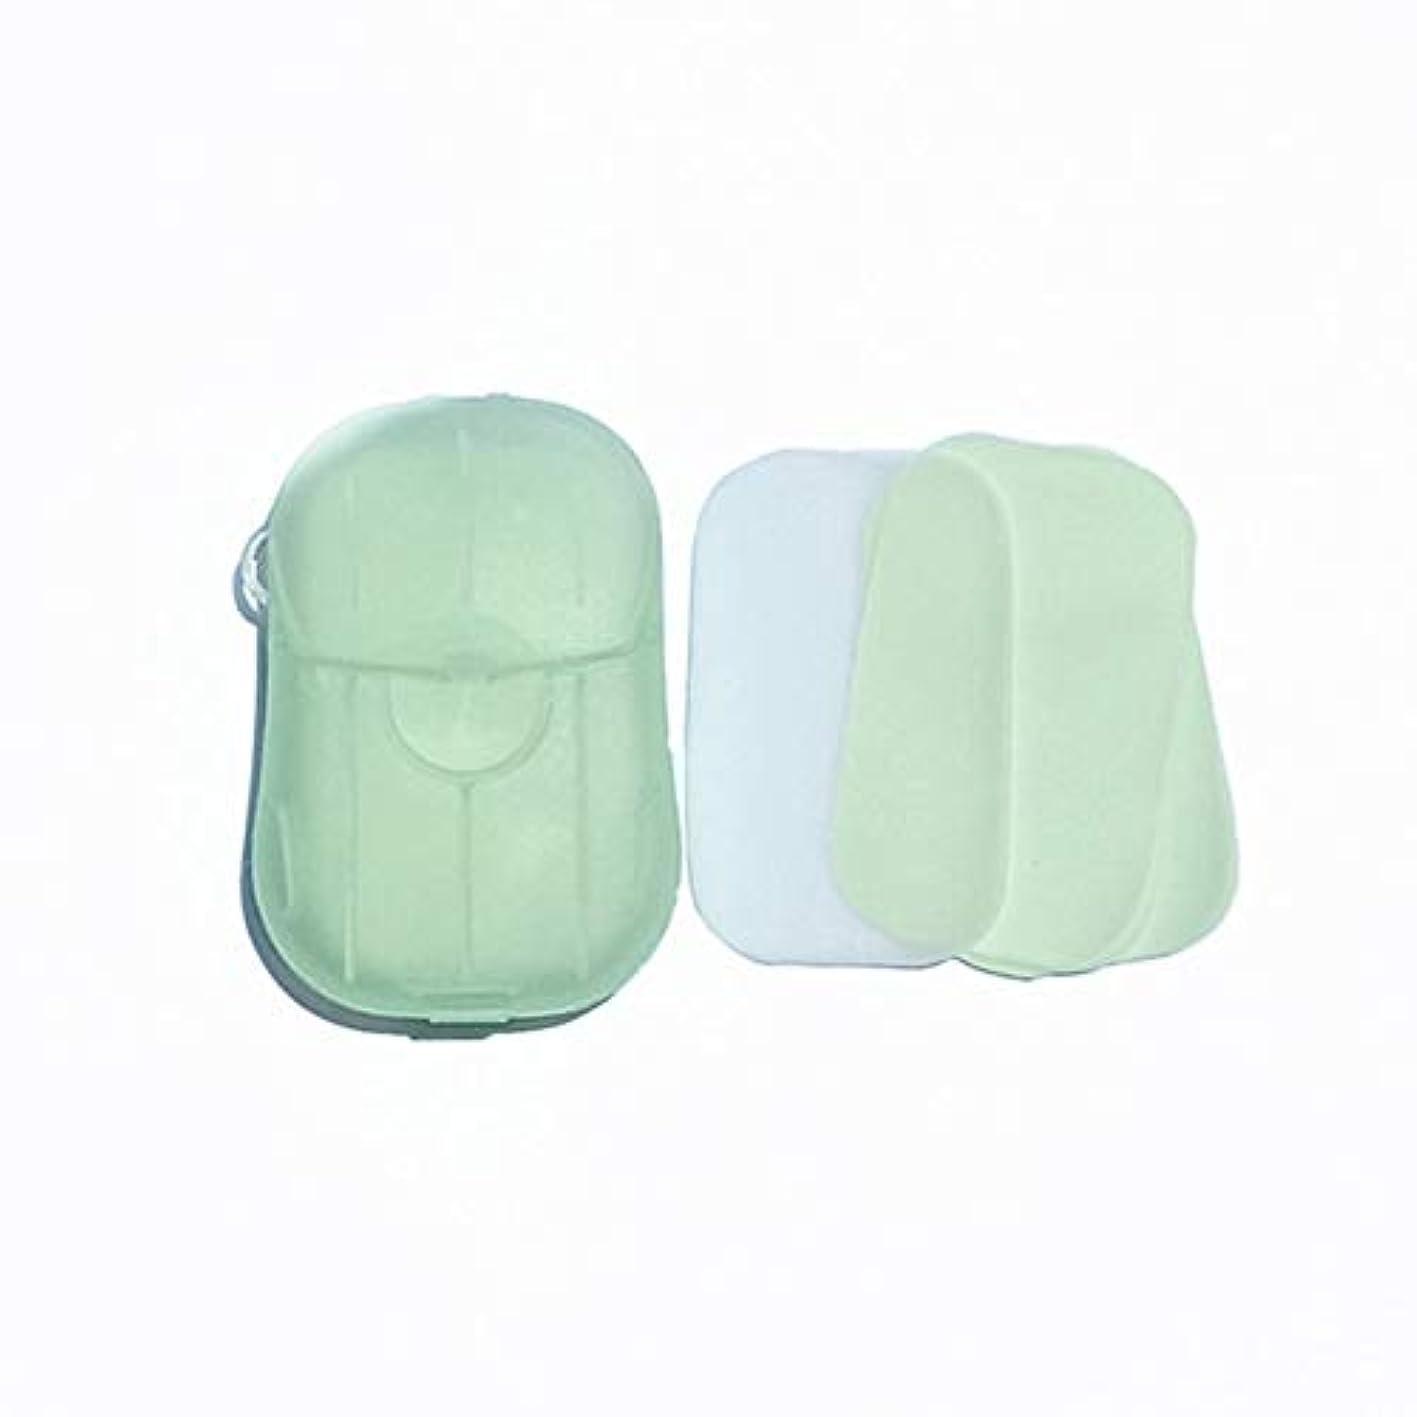 前方へ前任者テナントFeglin-joy ペーパーソープ せっけん紙 除菌 石鹸 手洗い お風呂 旅行携帯用 紙せっけん かみせっけん 香り 20枚入 ケース付き(よもぎ)